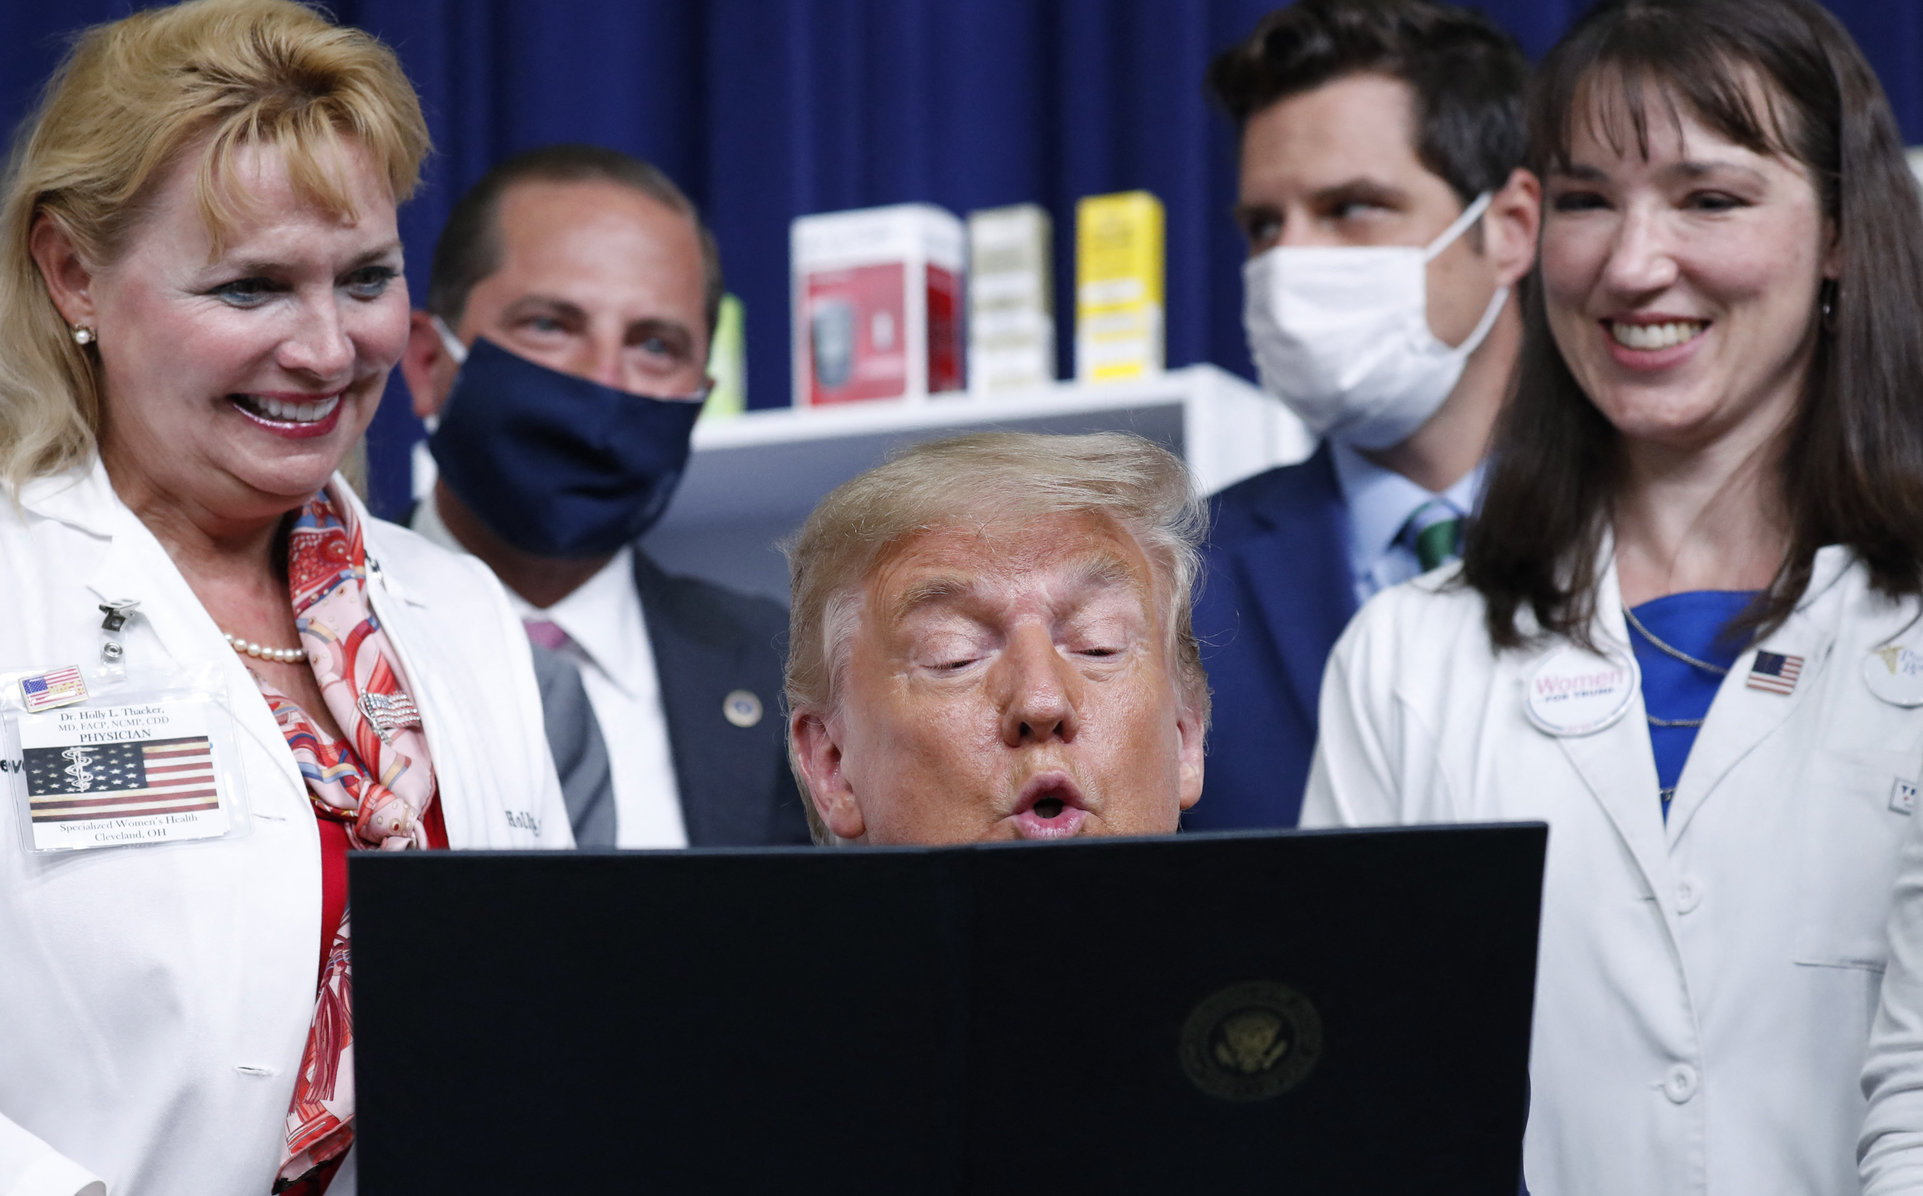 Trump a distribuit un clip video în care un medic vorbește despre ADN-ul extraterestru, sperma demonilor și hidroxiclorochină